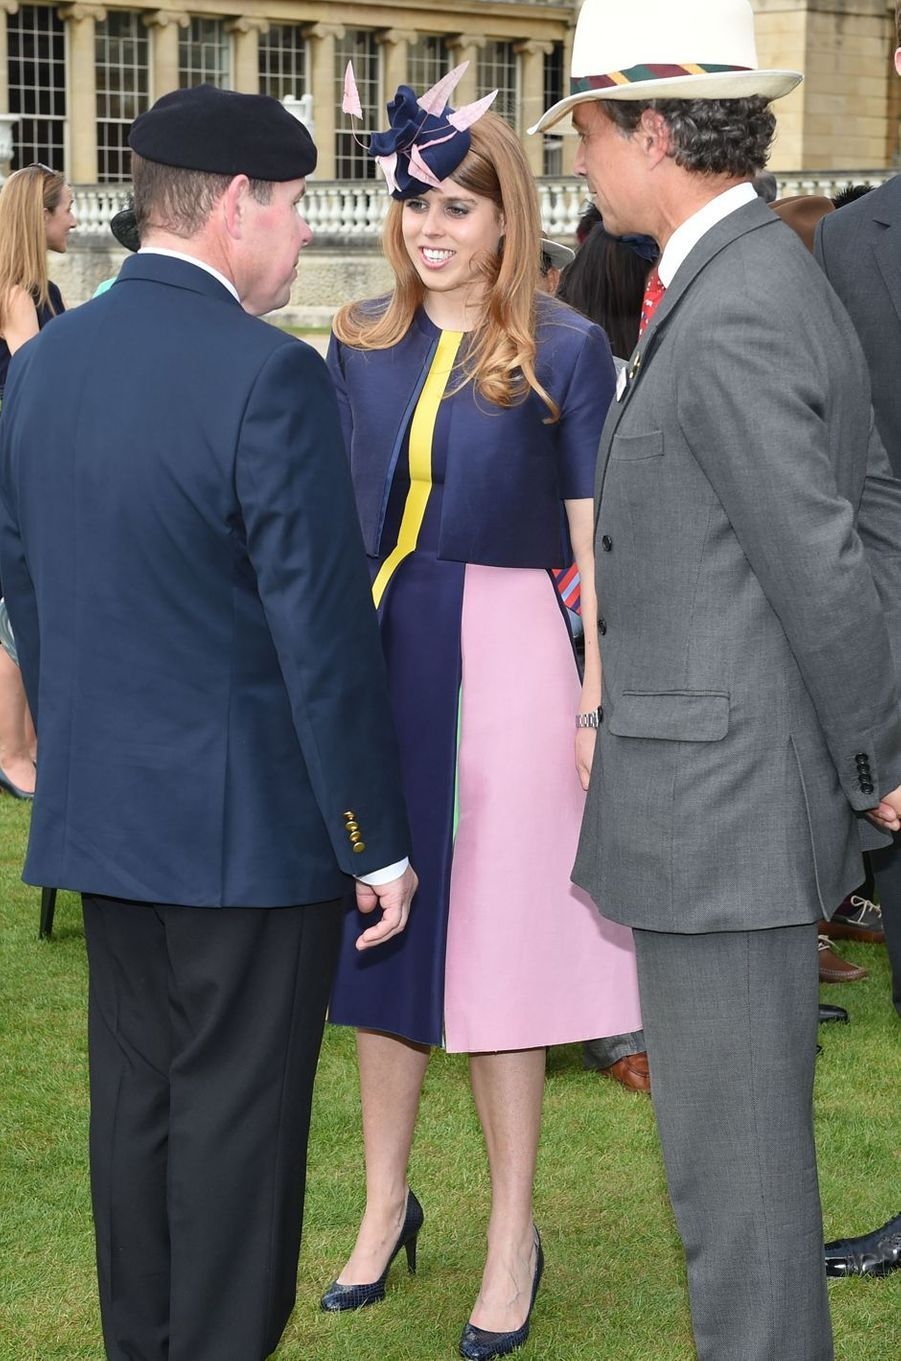 La princesse Beatrice d'York dans les jardins de Buckingham Palace, le 26 mai 2016